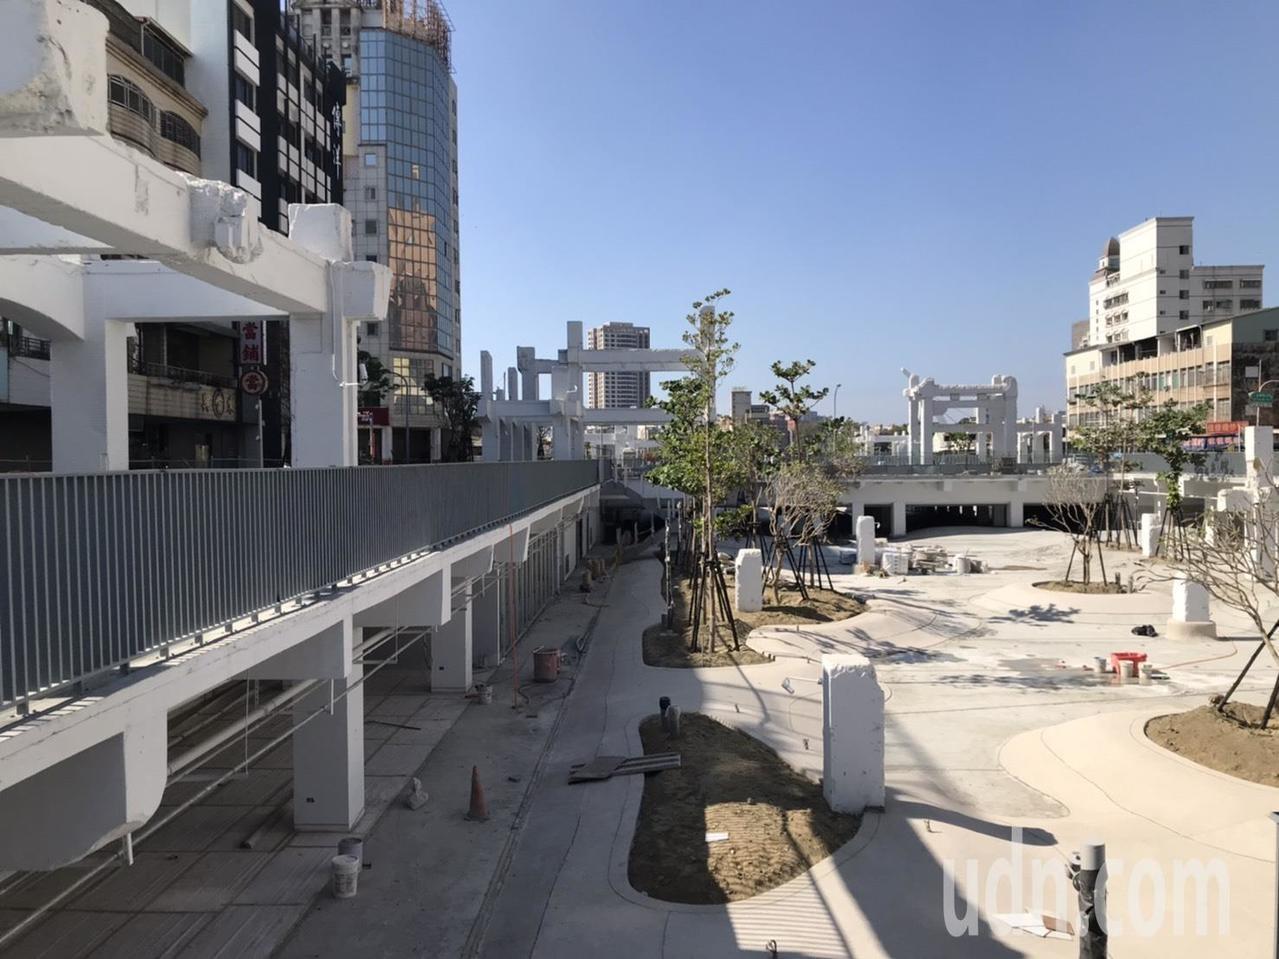 台南市中國城拆除後改建的廣場目前接近完工,將在農曆過年前開放。記者修瑞瑩/攝影